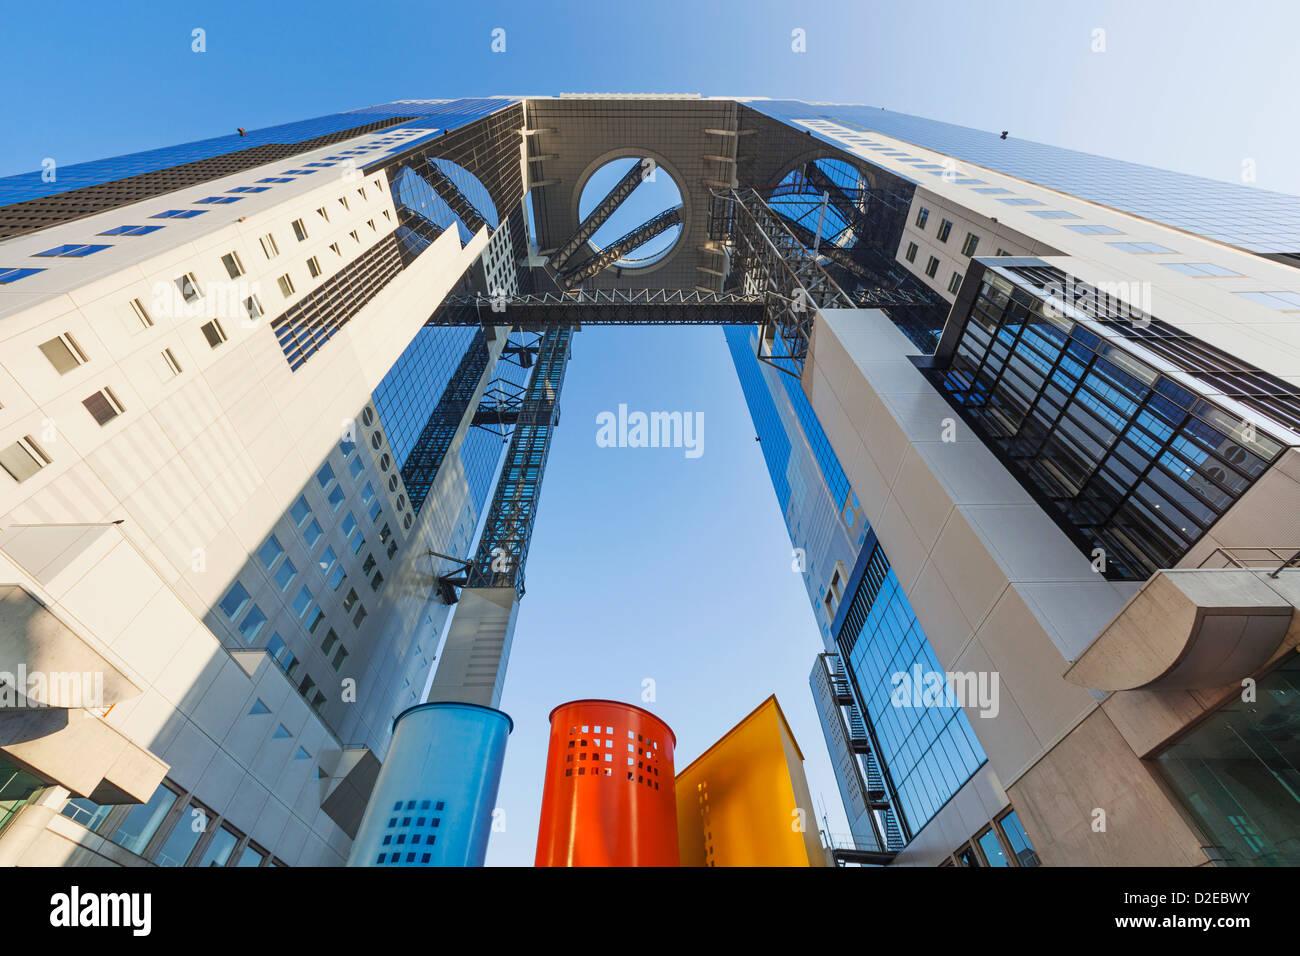 Japón, Honshu, Kansai, Osaka, Umeda, Umeda Sky Building y el Observatorio del Jardín Flotante Foto de stock